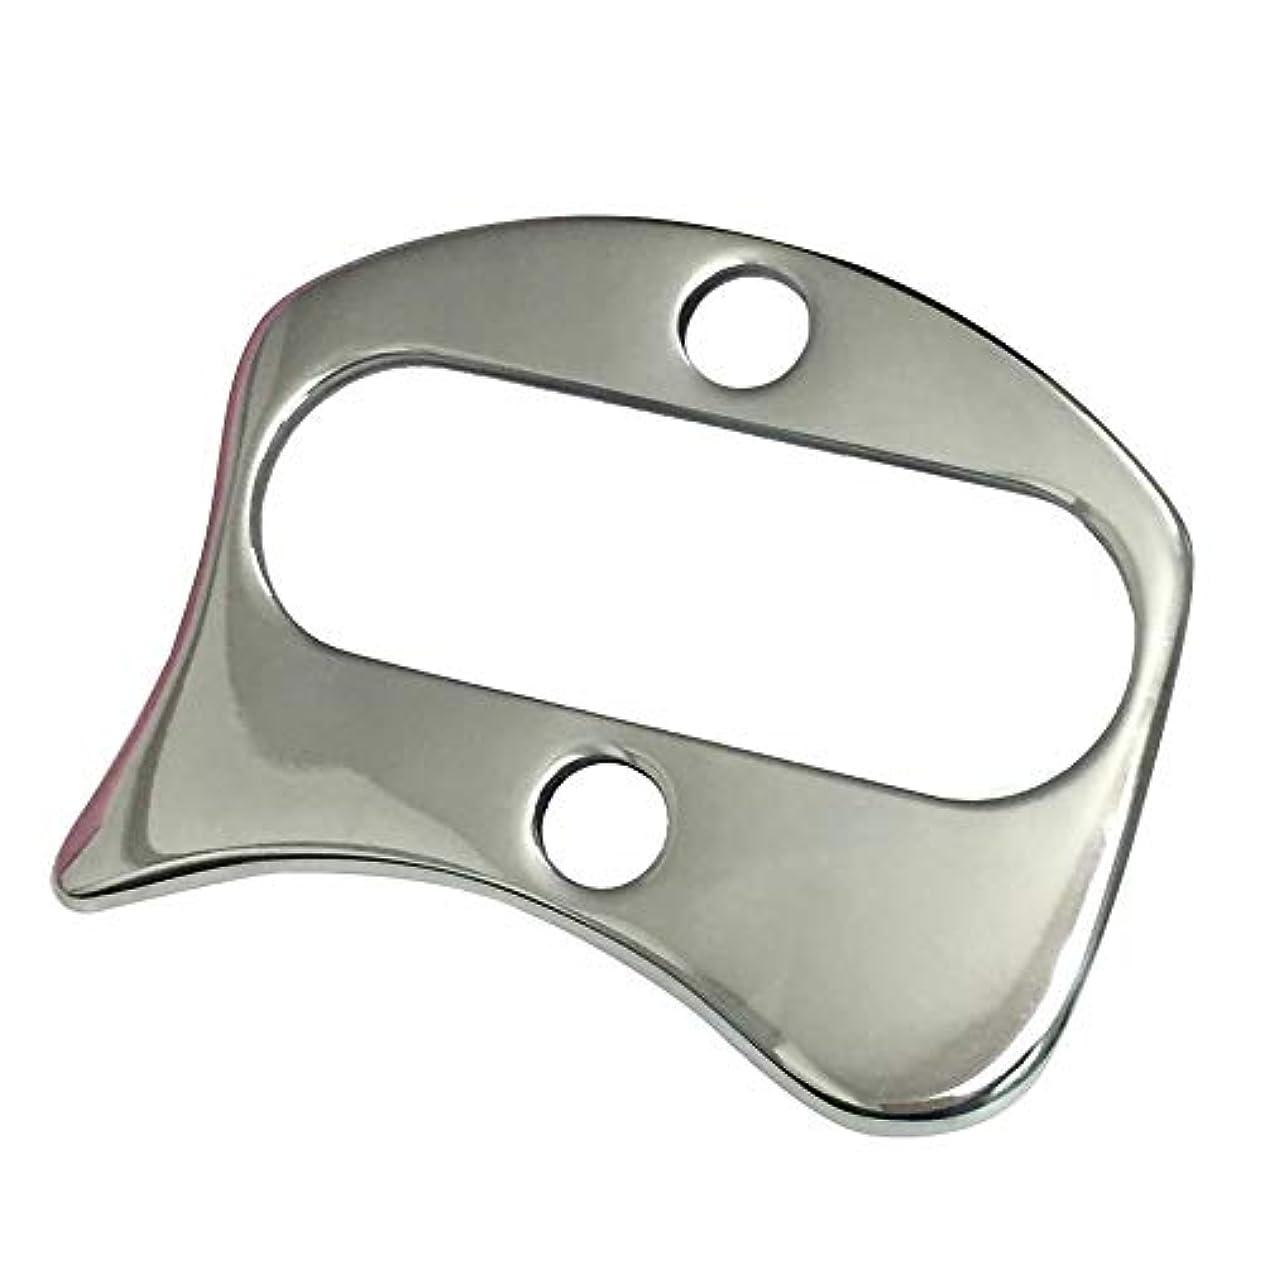 304ステンレス鋼 筋肉マッサージャー 理学療法 多機能 軟部組織 疼痛緩和 軽減筋膜 健康製品